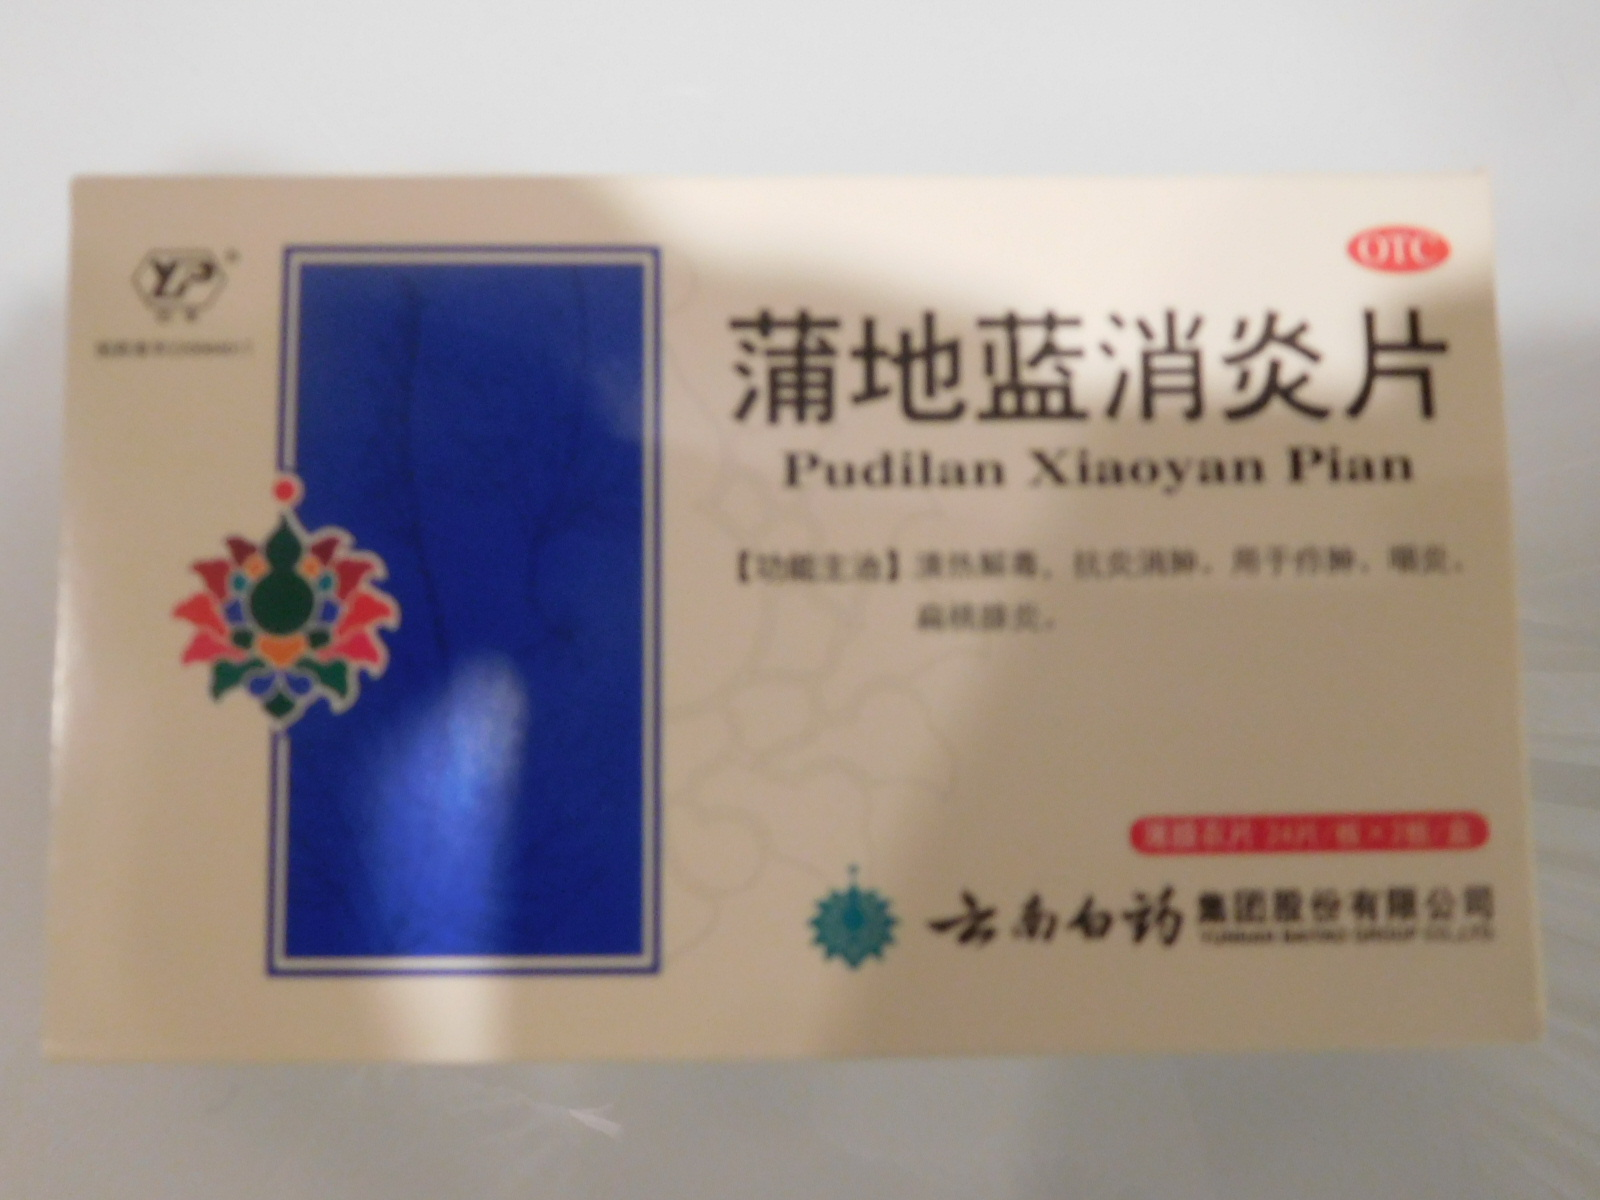 中国長沙で買ったのど痛の薬(風邪薬)